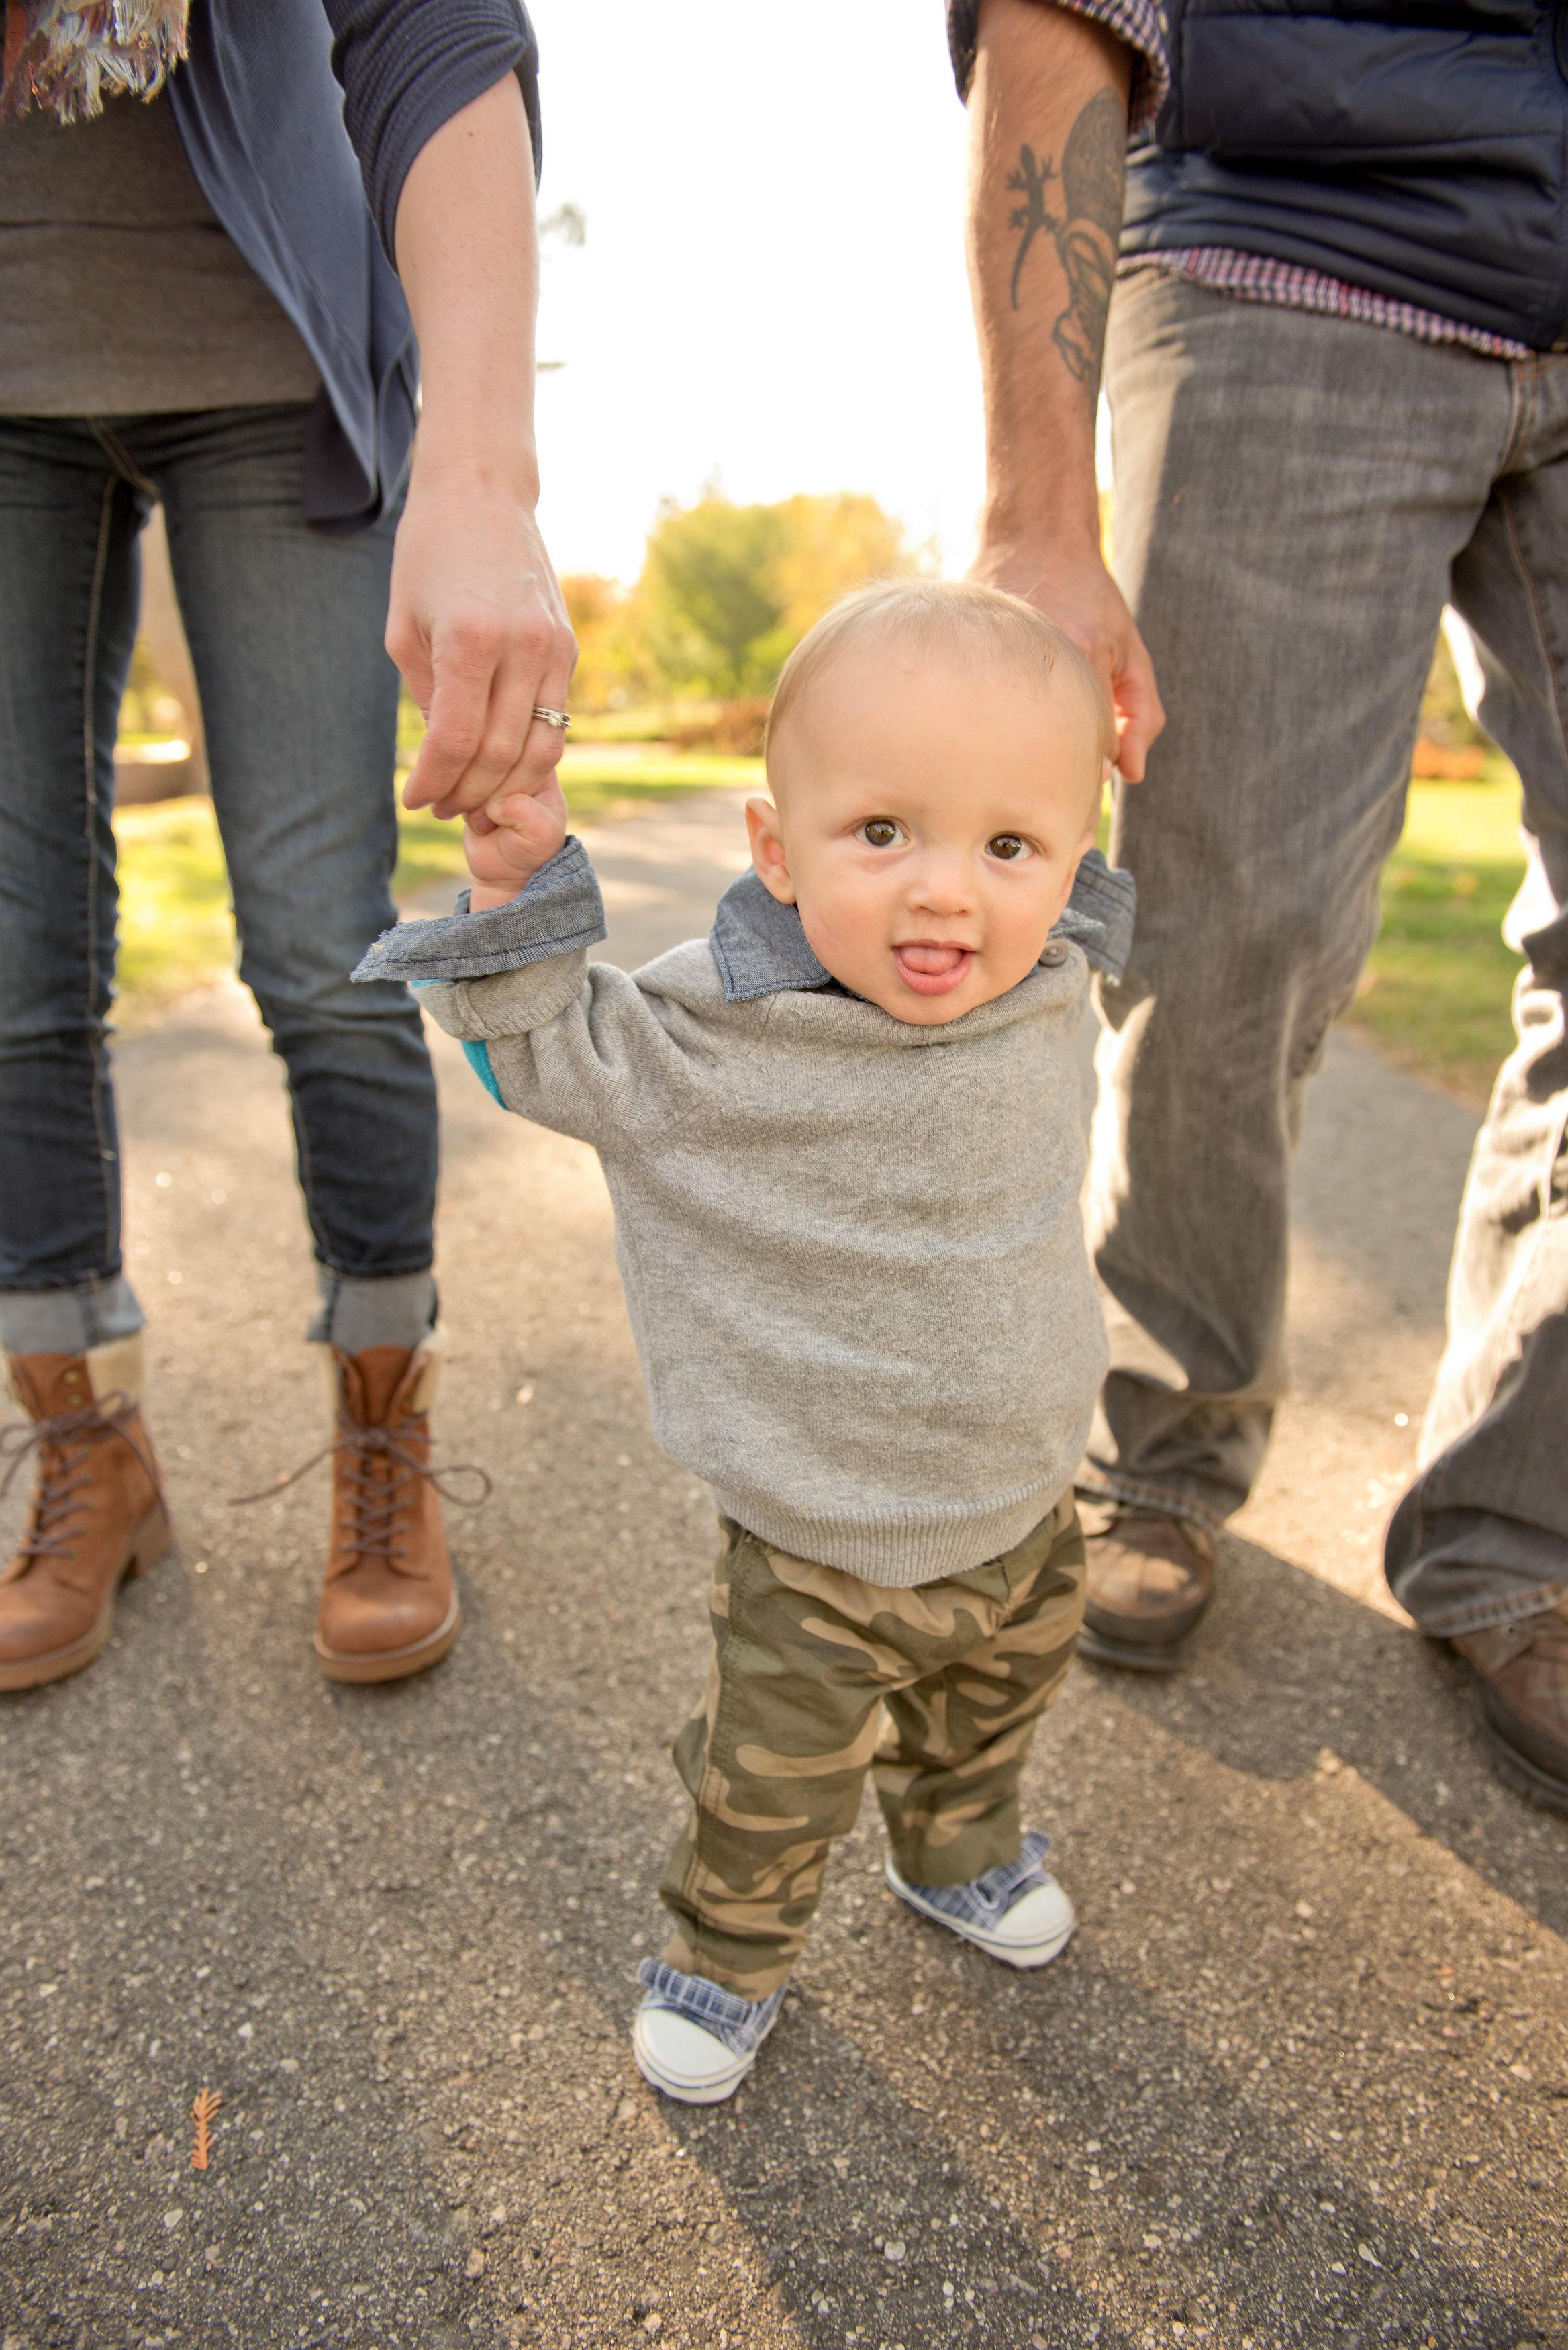 Orlando-family-walking-toddler.jpg